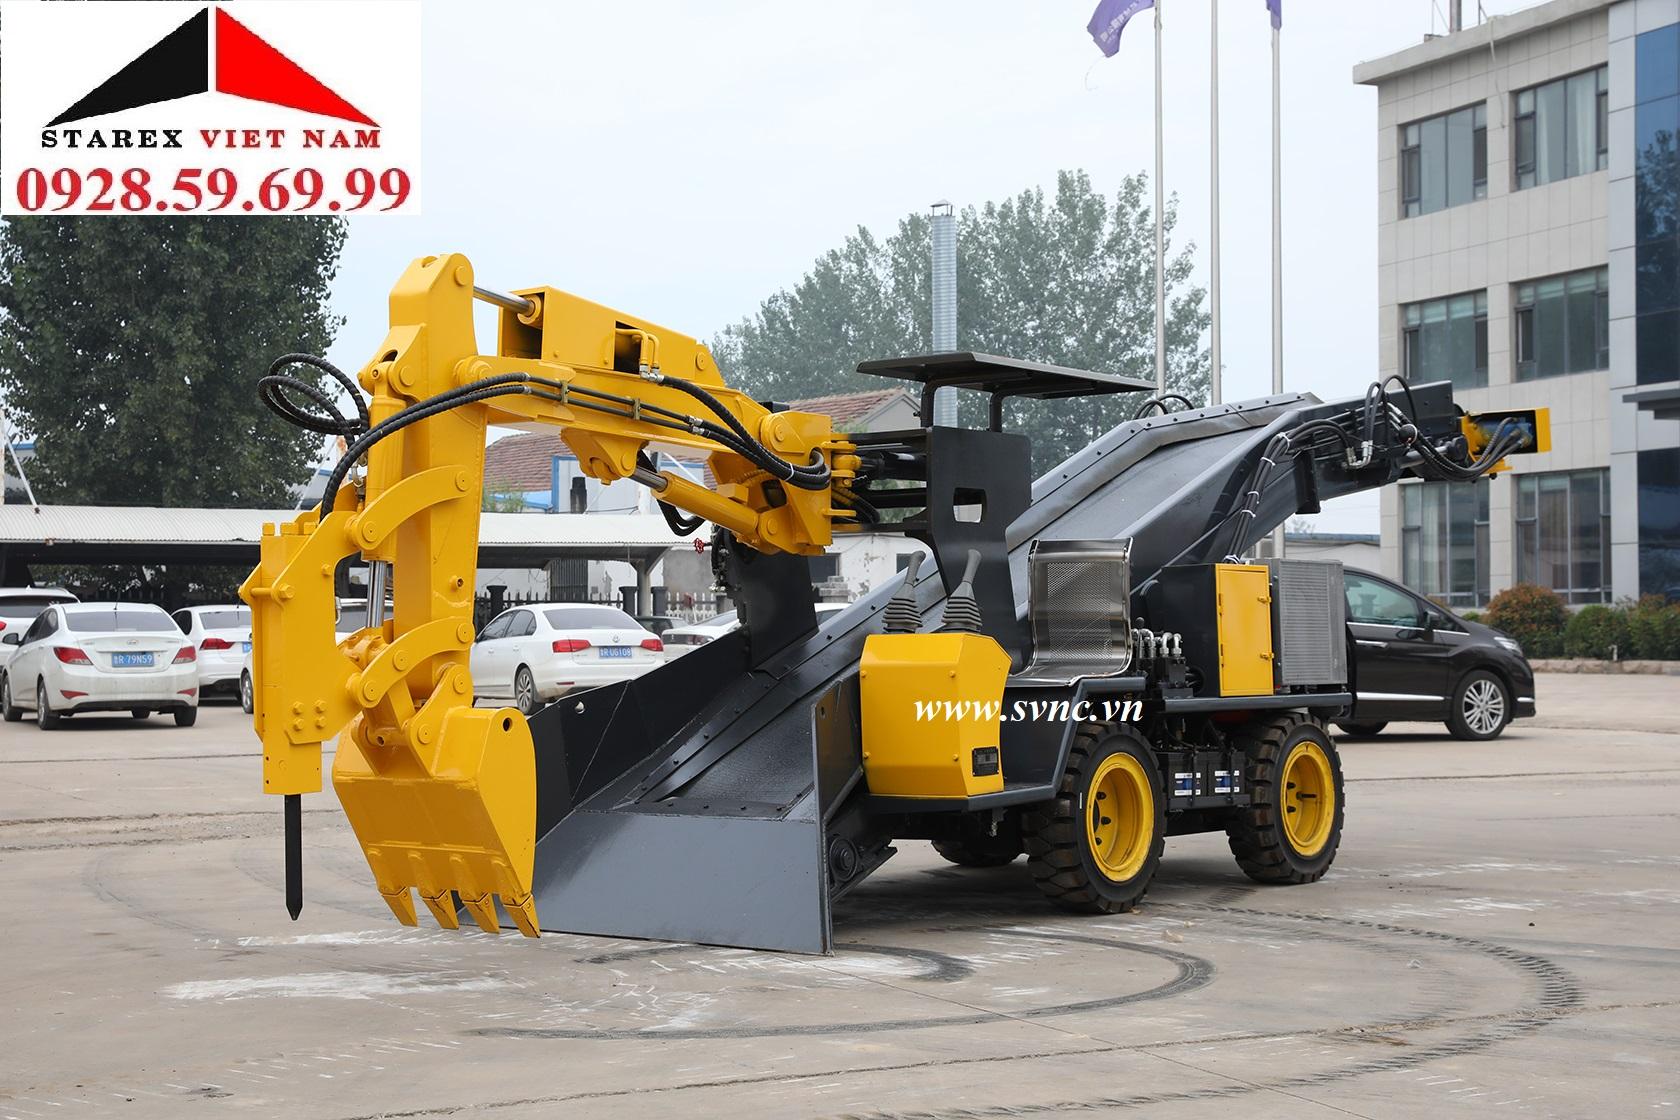 Máy cào vơ bánh lốp 80m3/h XIANDAI STB-80